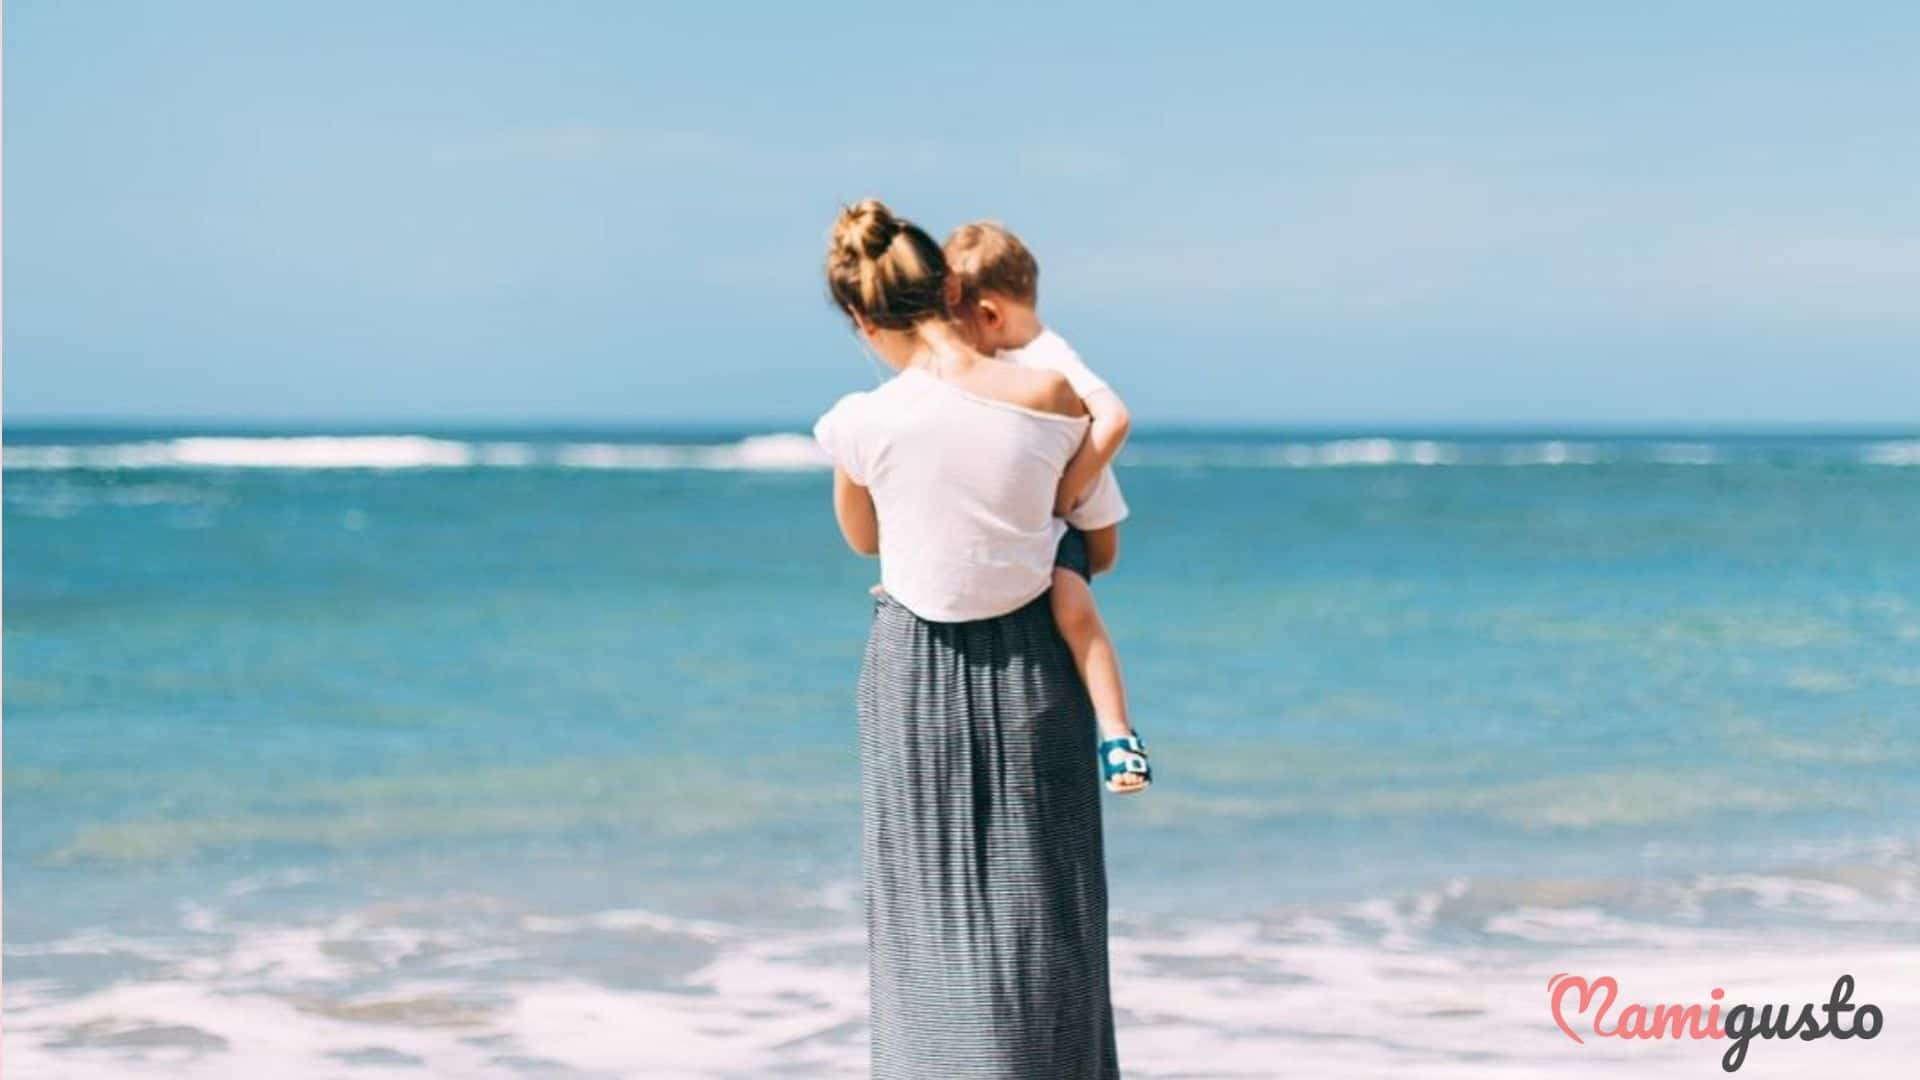 τι εχει αναγκη να ακουσει μια μαμα